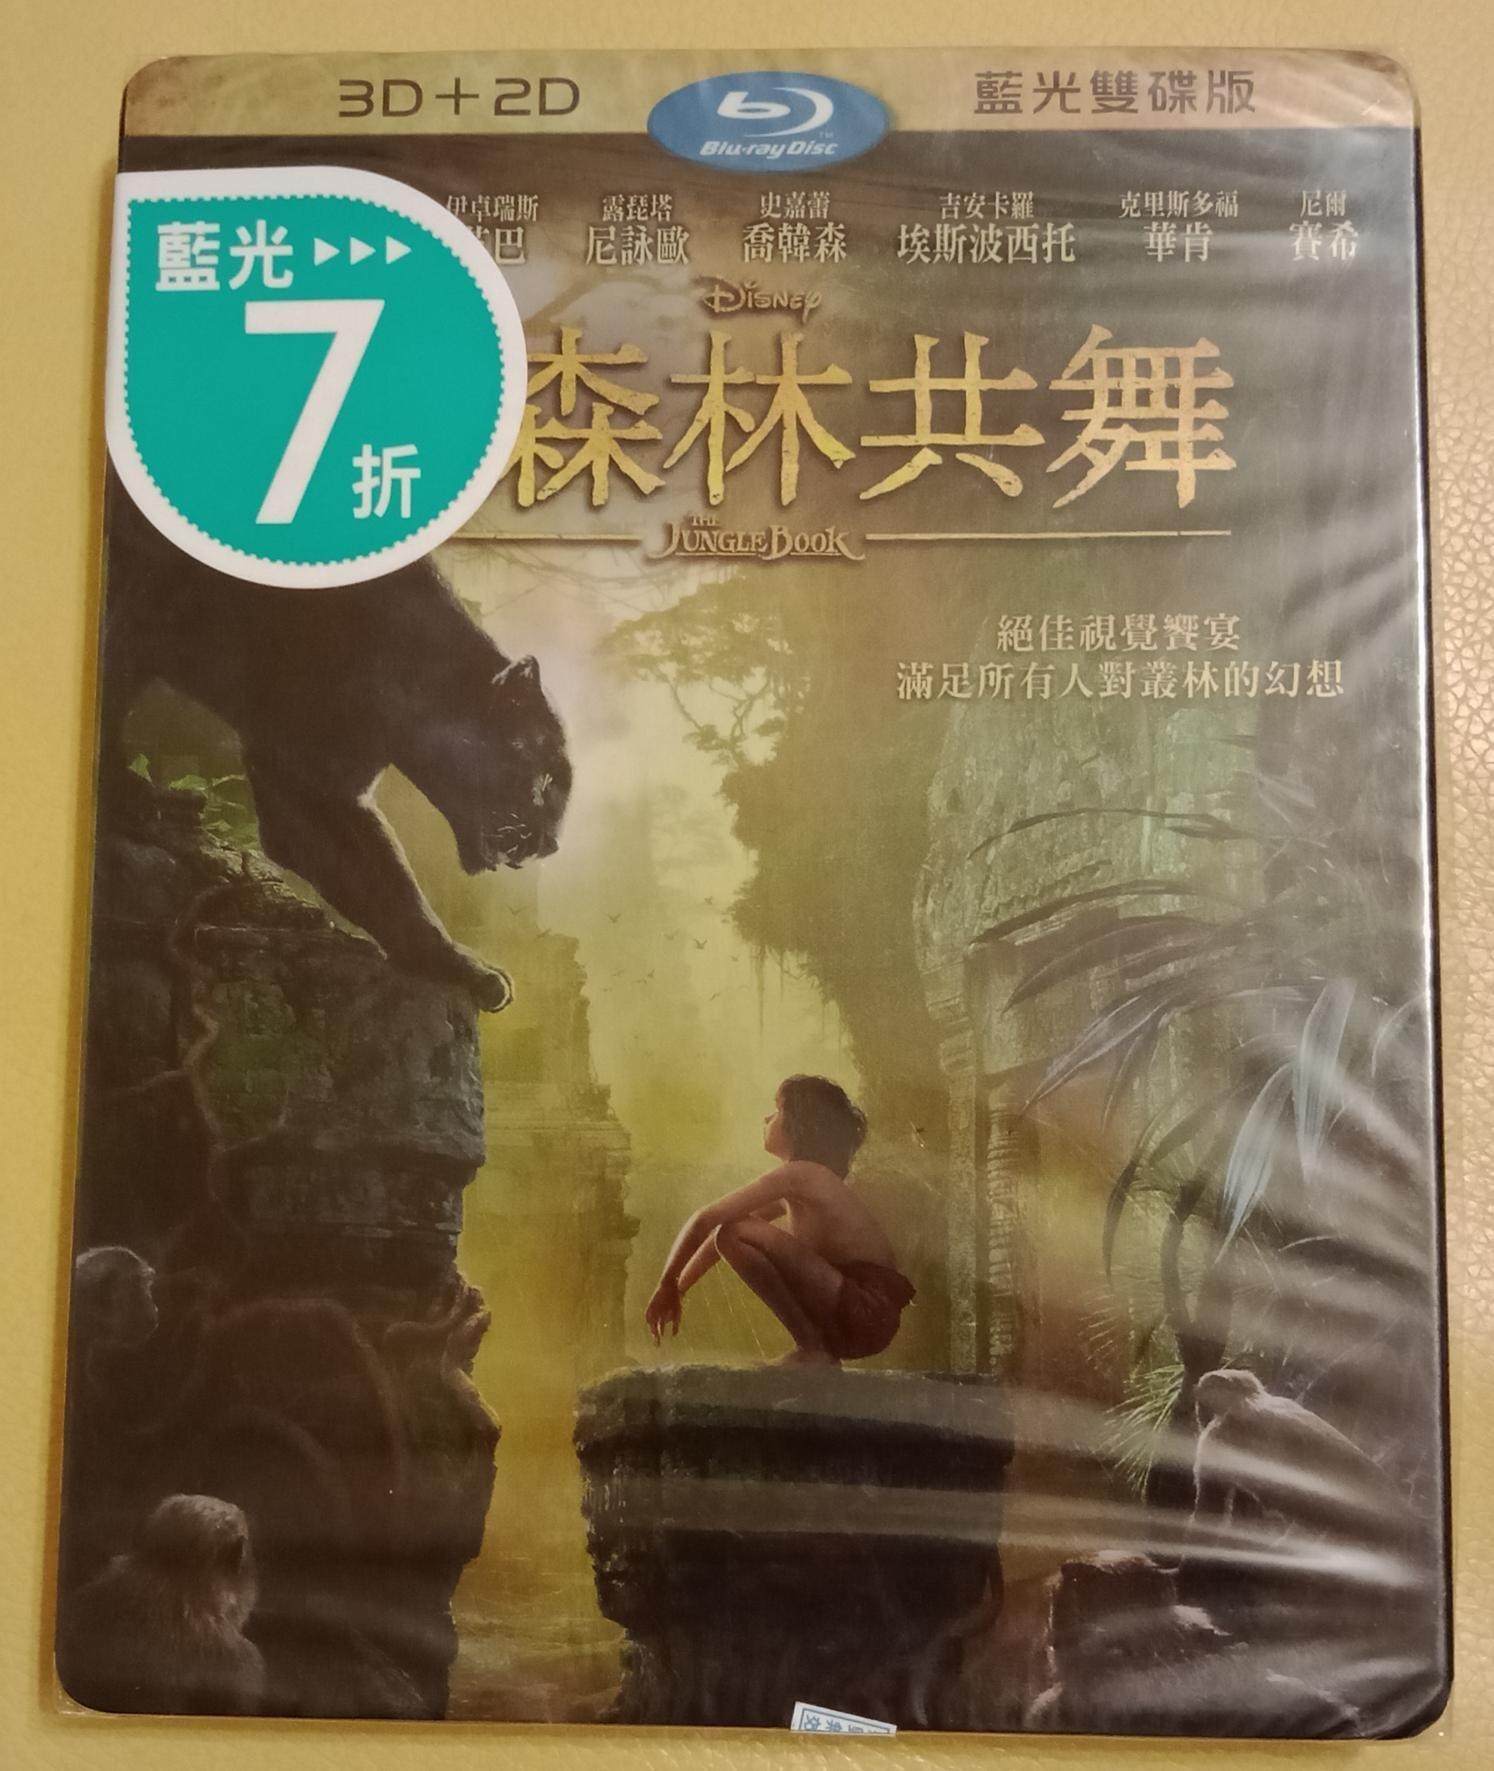 (現貨,全新未拆,台版藍光BD,得利公司出品)與森林共舞3D+2D藍光雙碟版